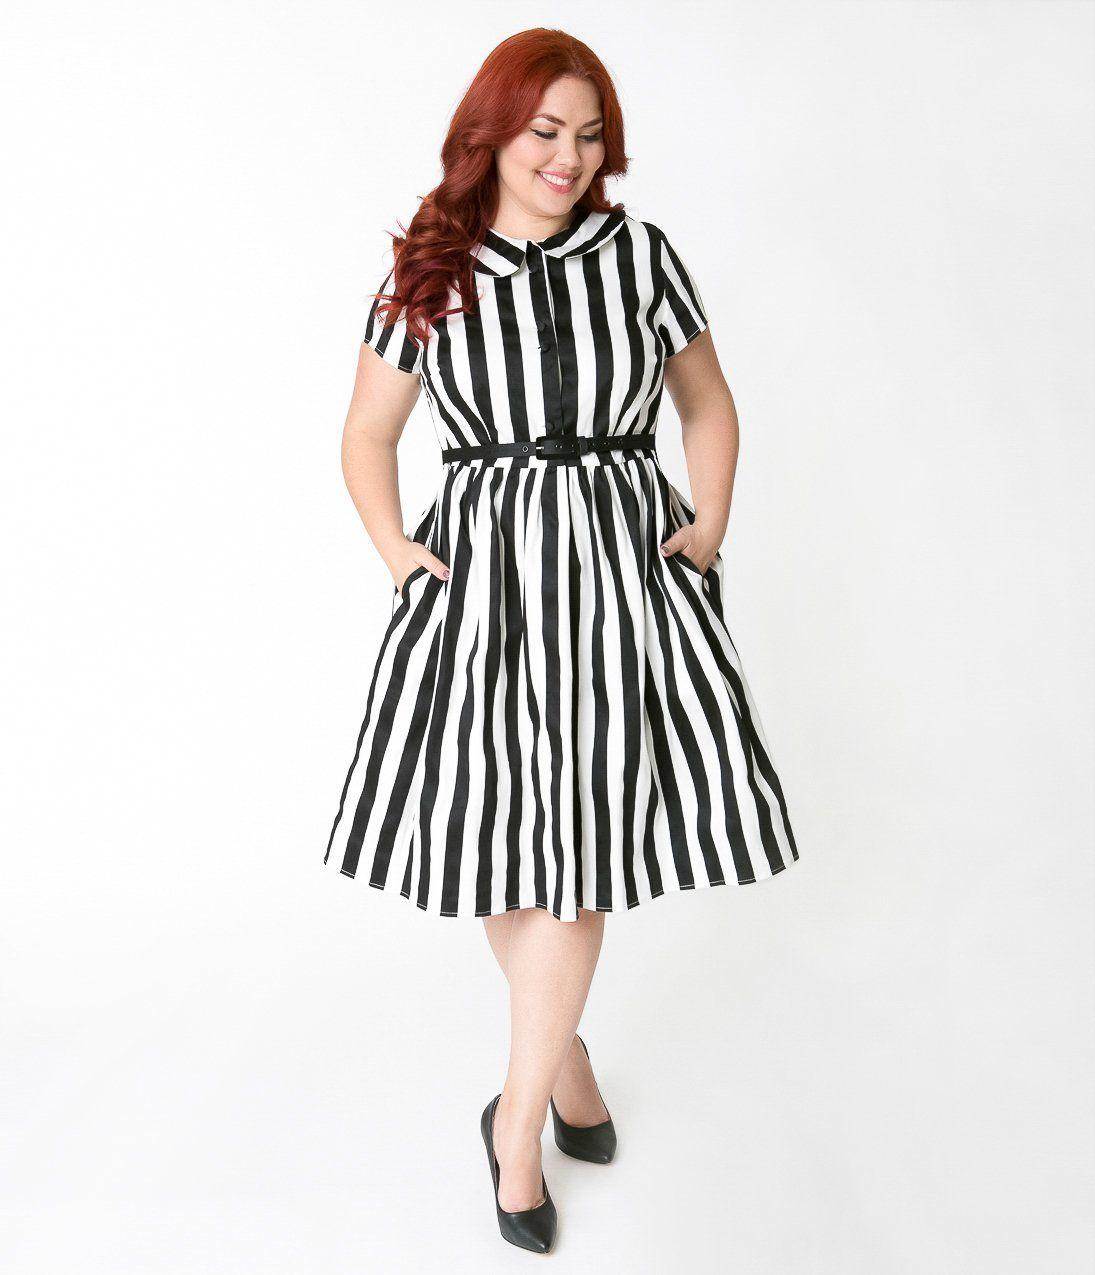 Vintage Plus Size Clothing – Unique Vintage | 1960s fashion ...